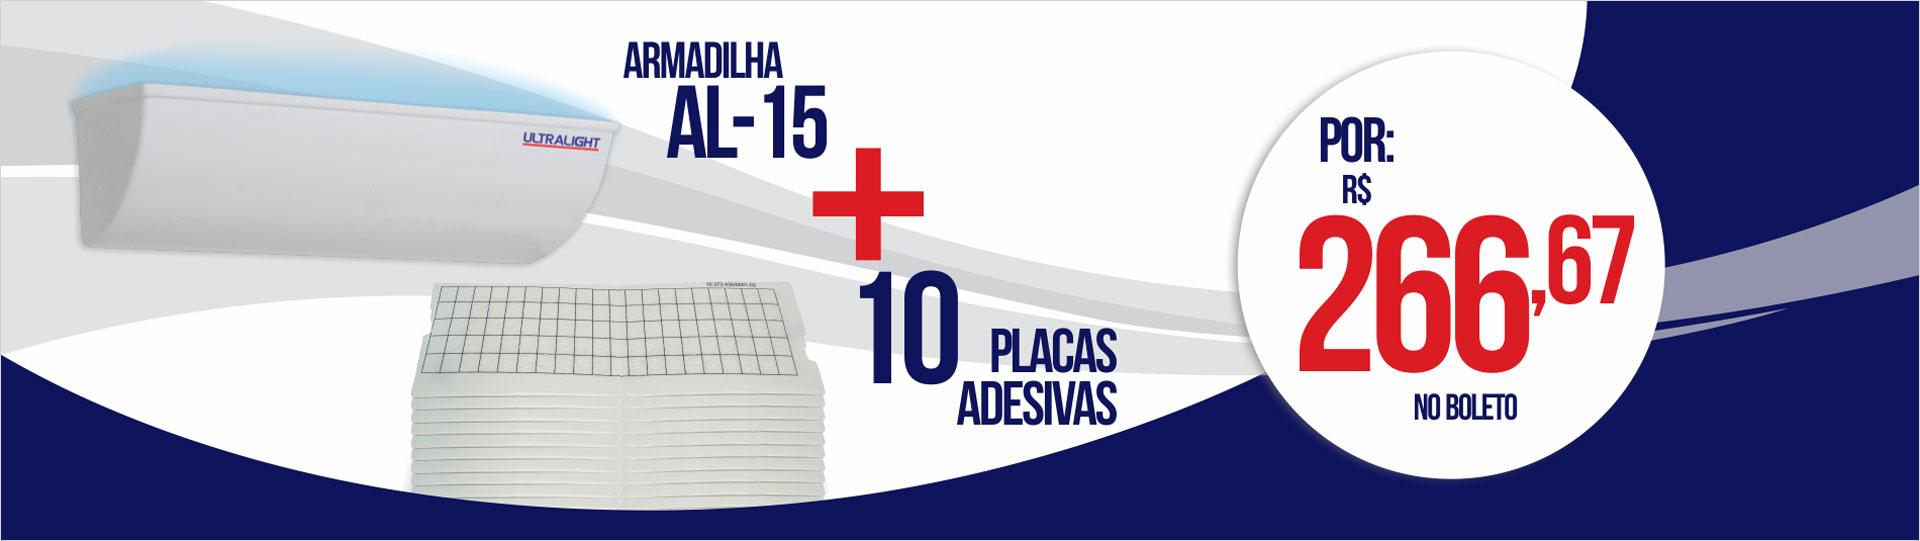 AL-15 com 10 placas adesivas